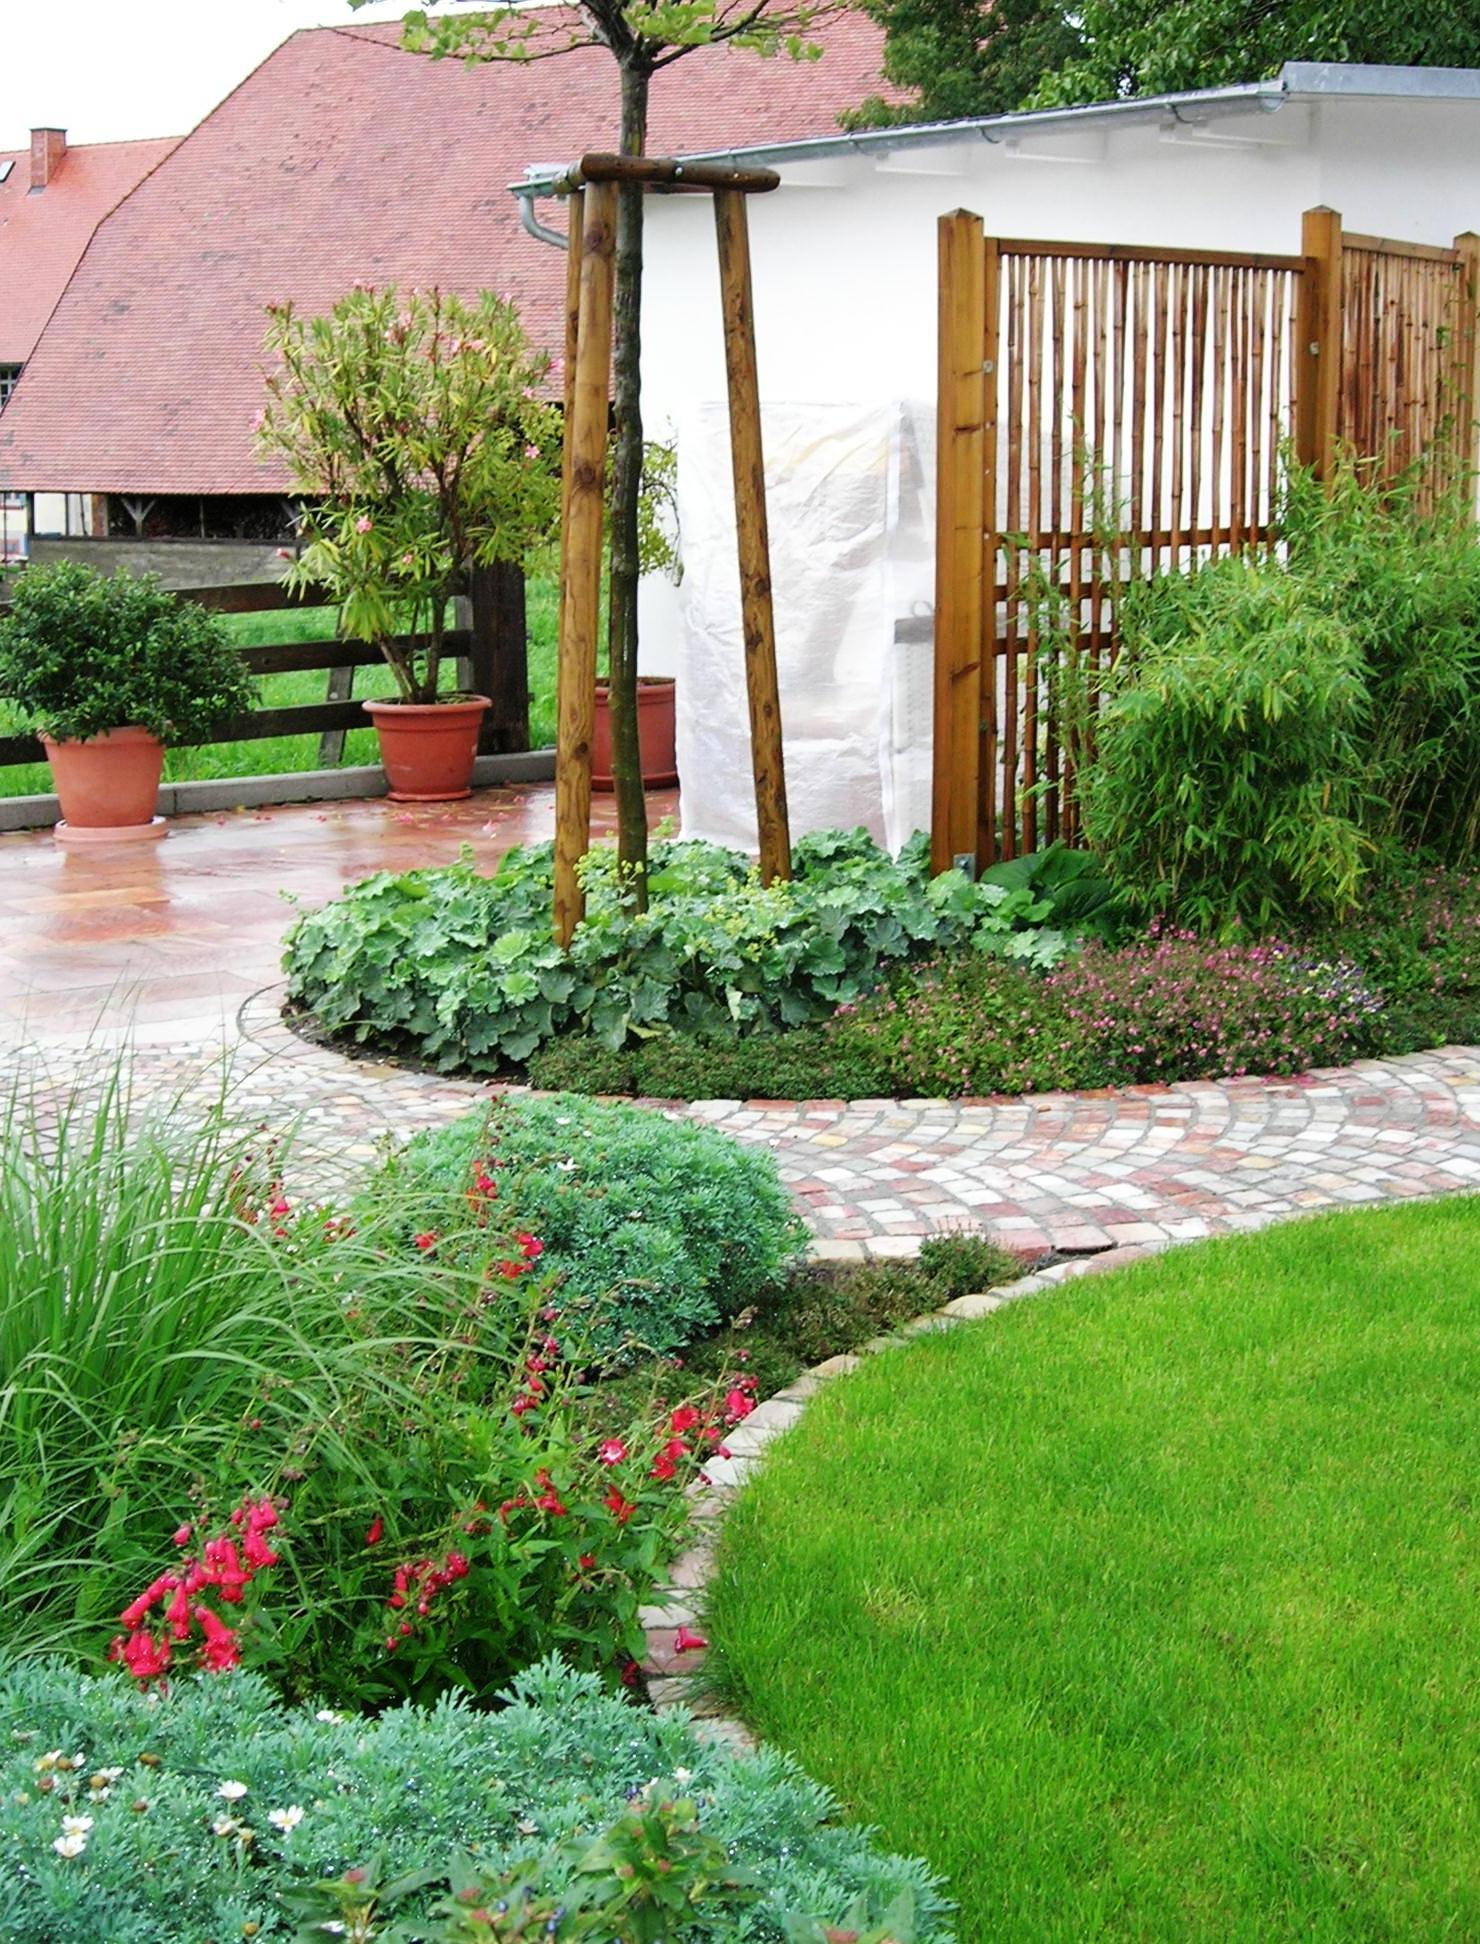 Terrassengestaltung landhaus garten design ideen um ihr for Landhaus garten anlegen